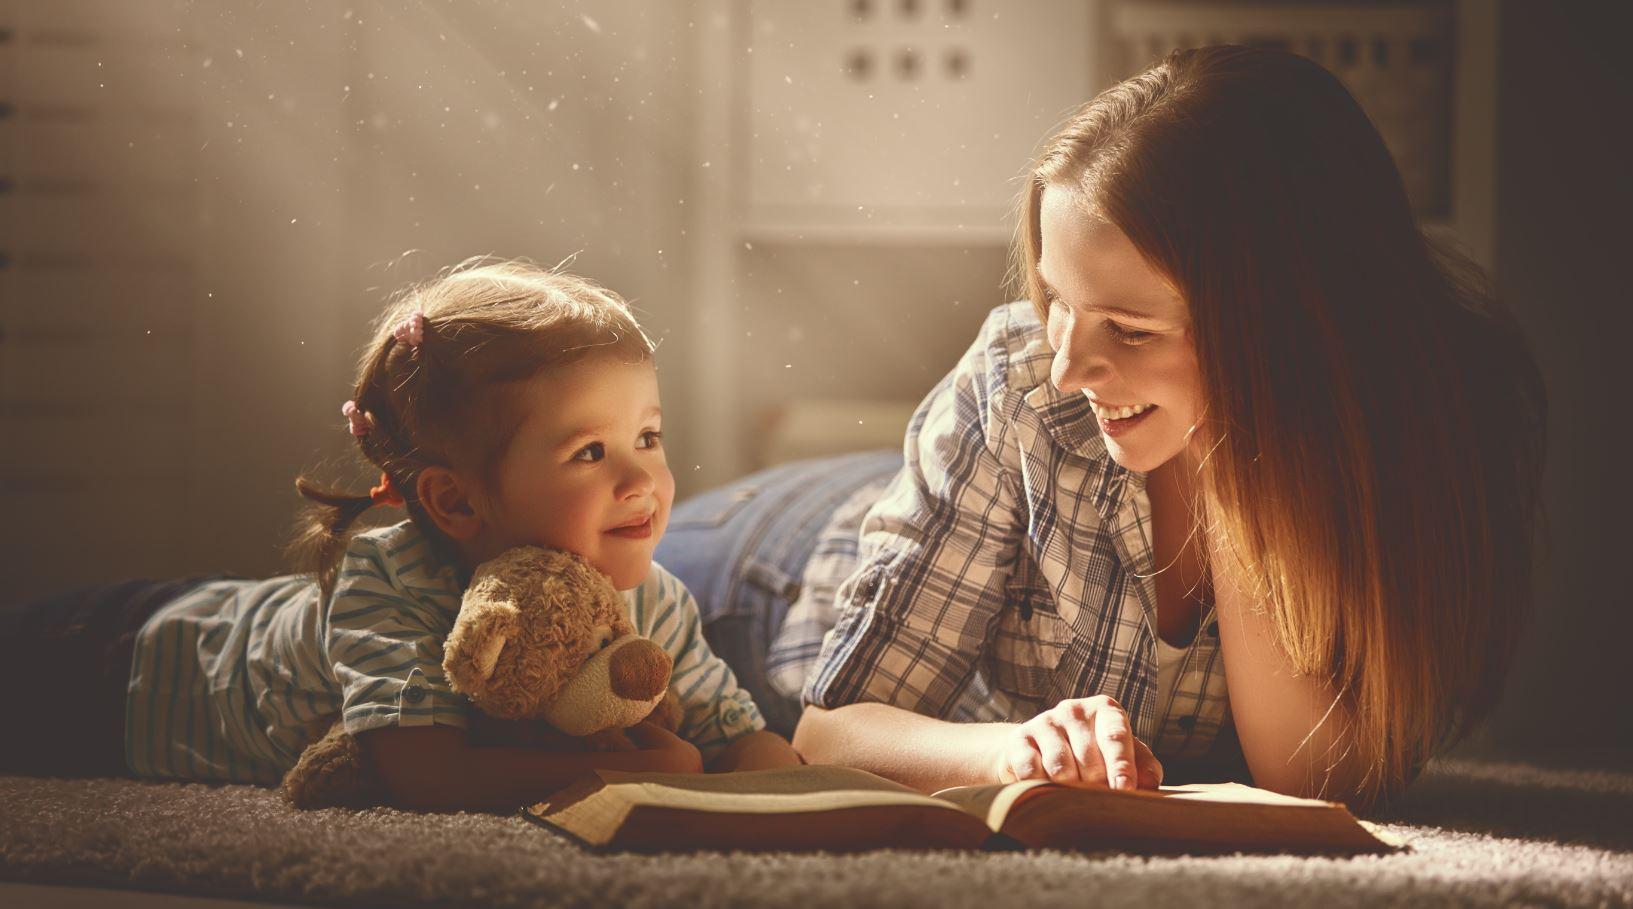 Mama liest mit Kleindkind ein Buch